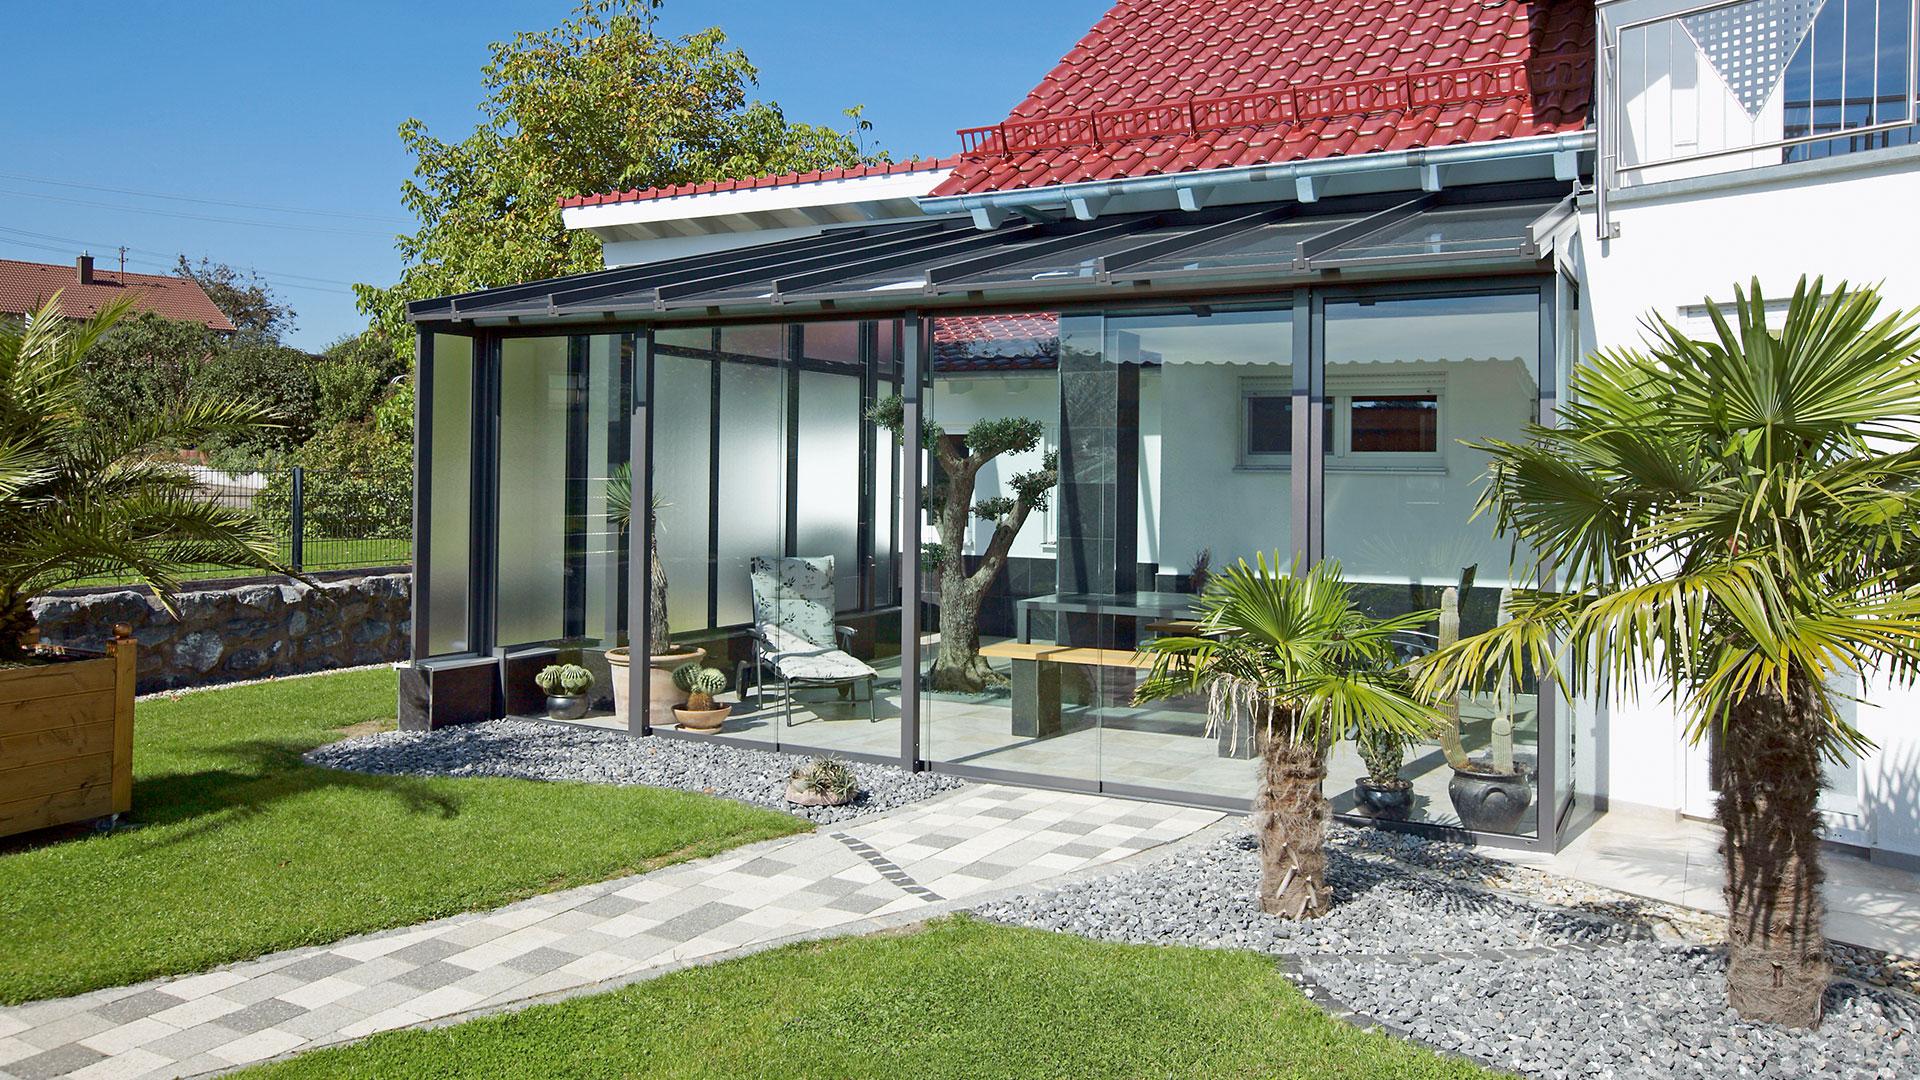 zanker Wintergarten 01 - Sonnenschutz für Balkon und Terrasse